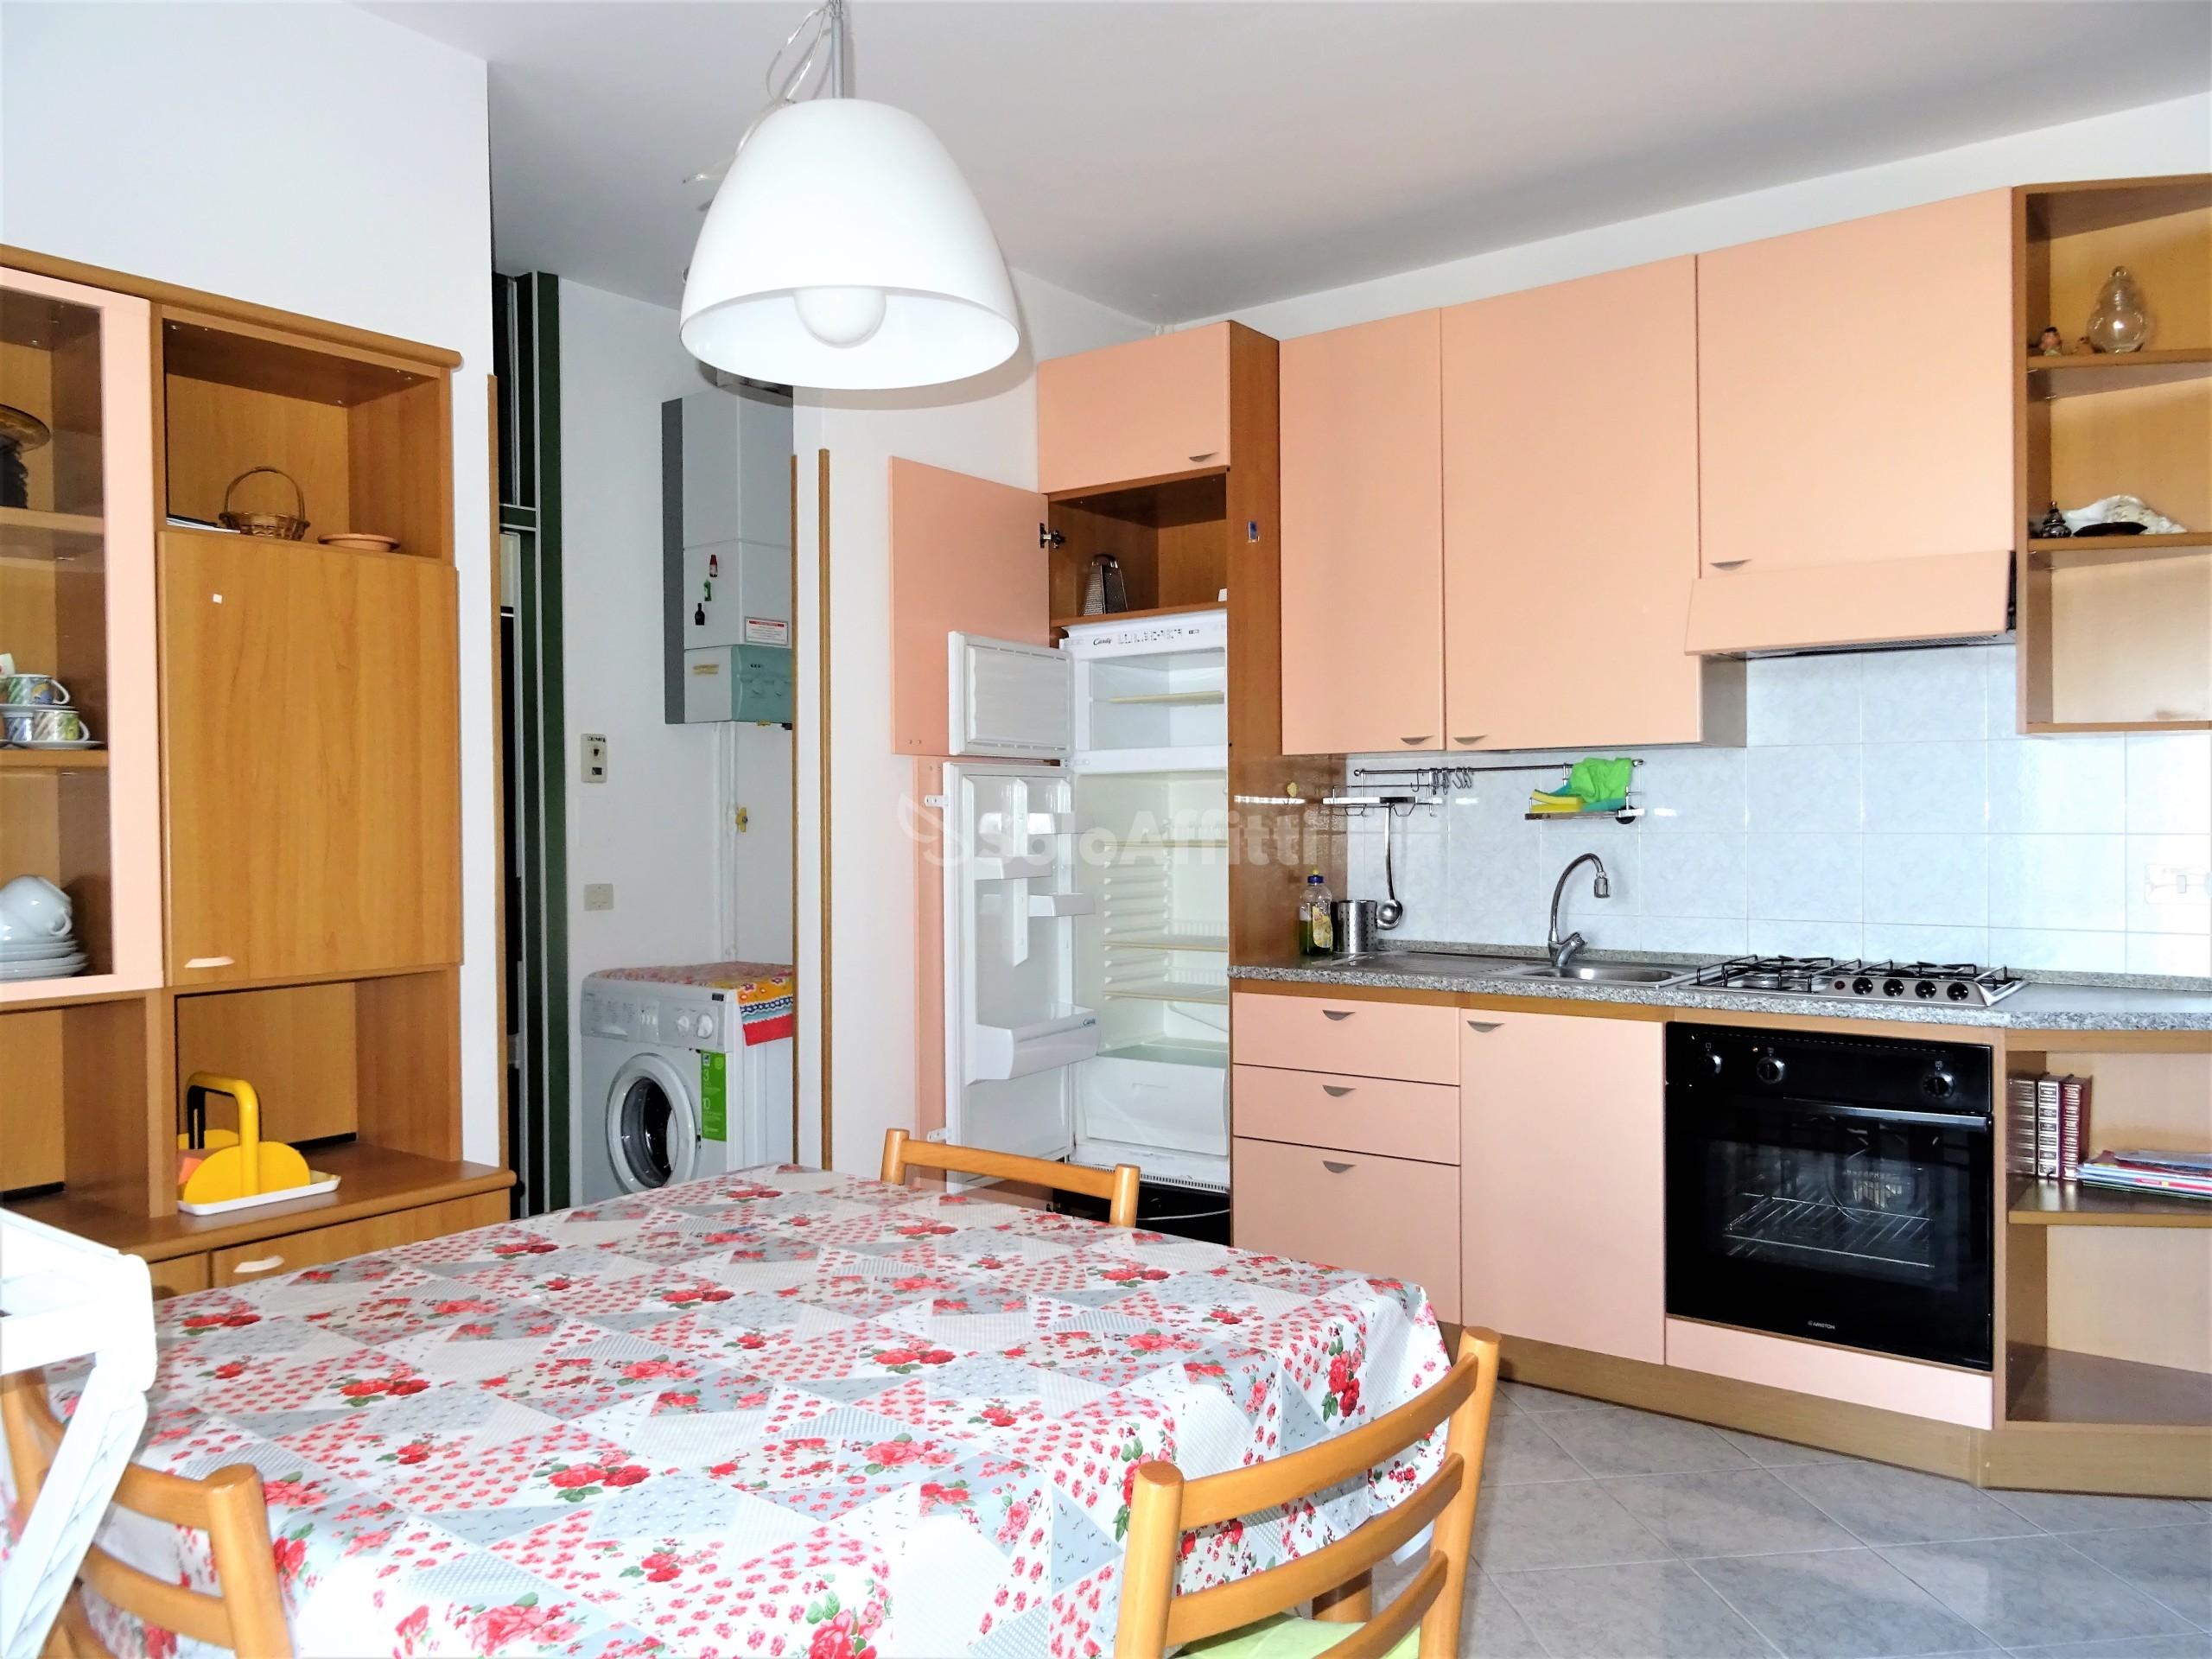 cucina - soggiorno